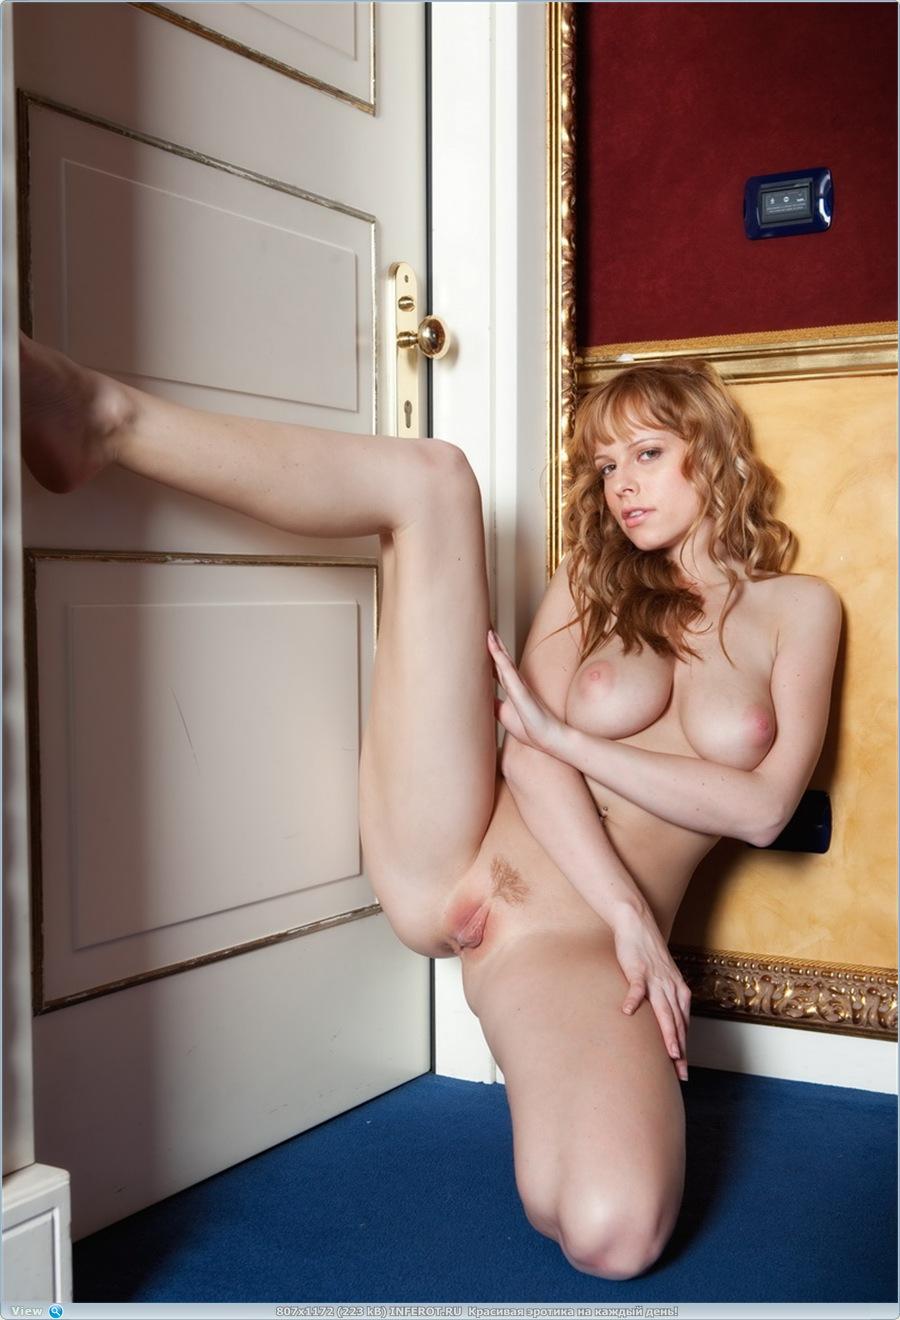 Рыженькая девушка погуляла голенькой в коридоре отеля (20 фото)